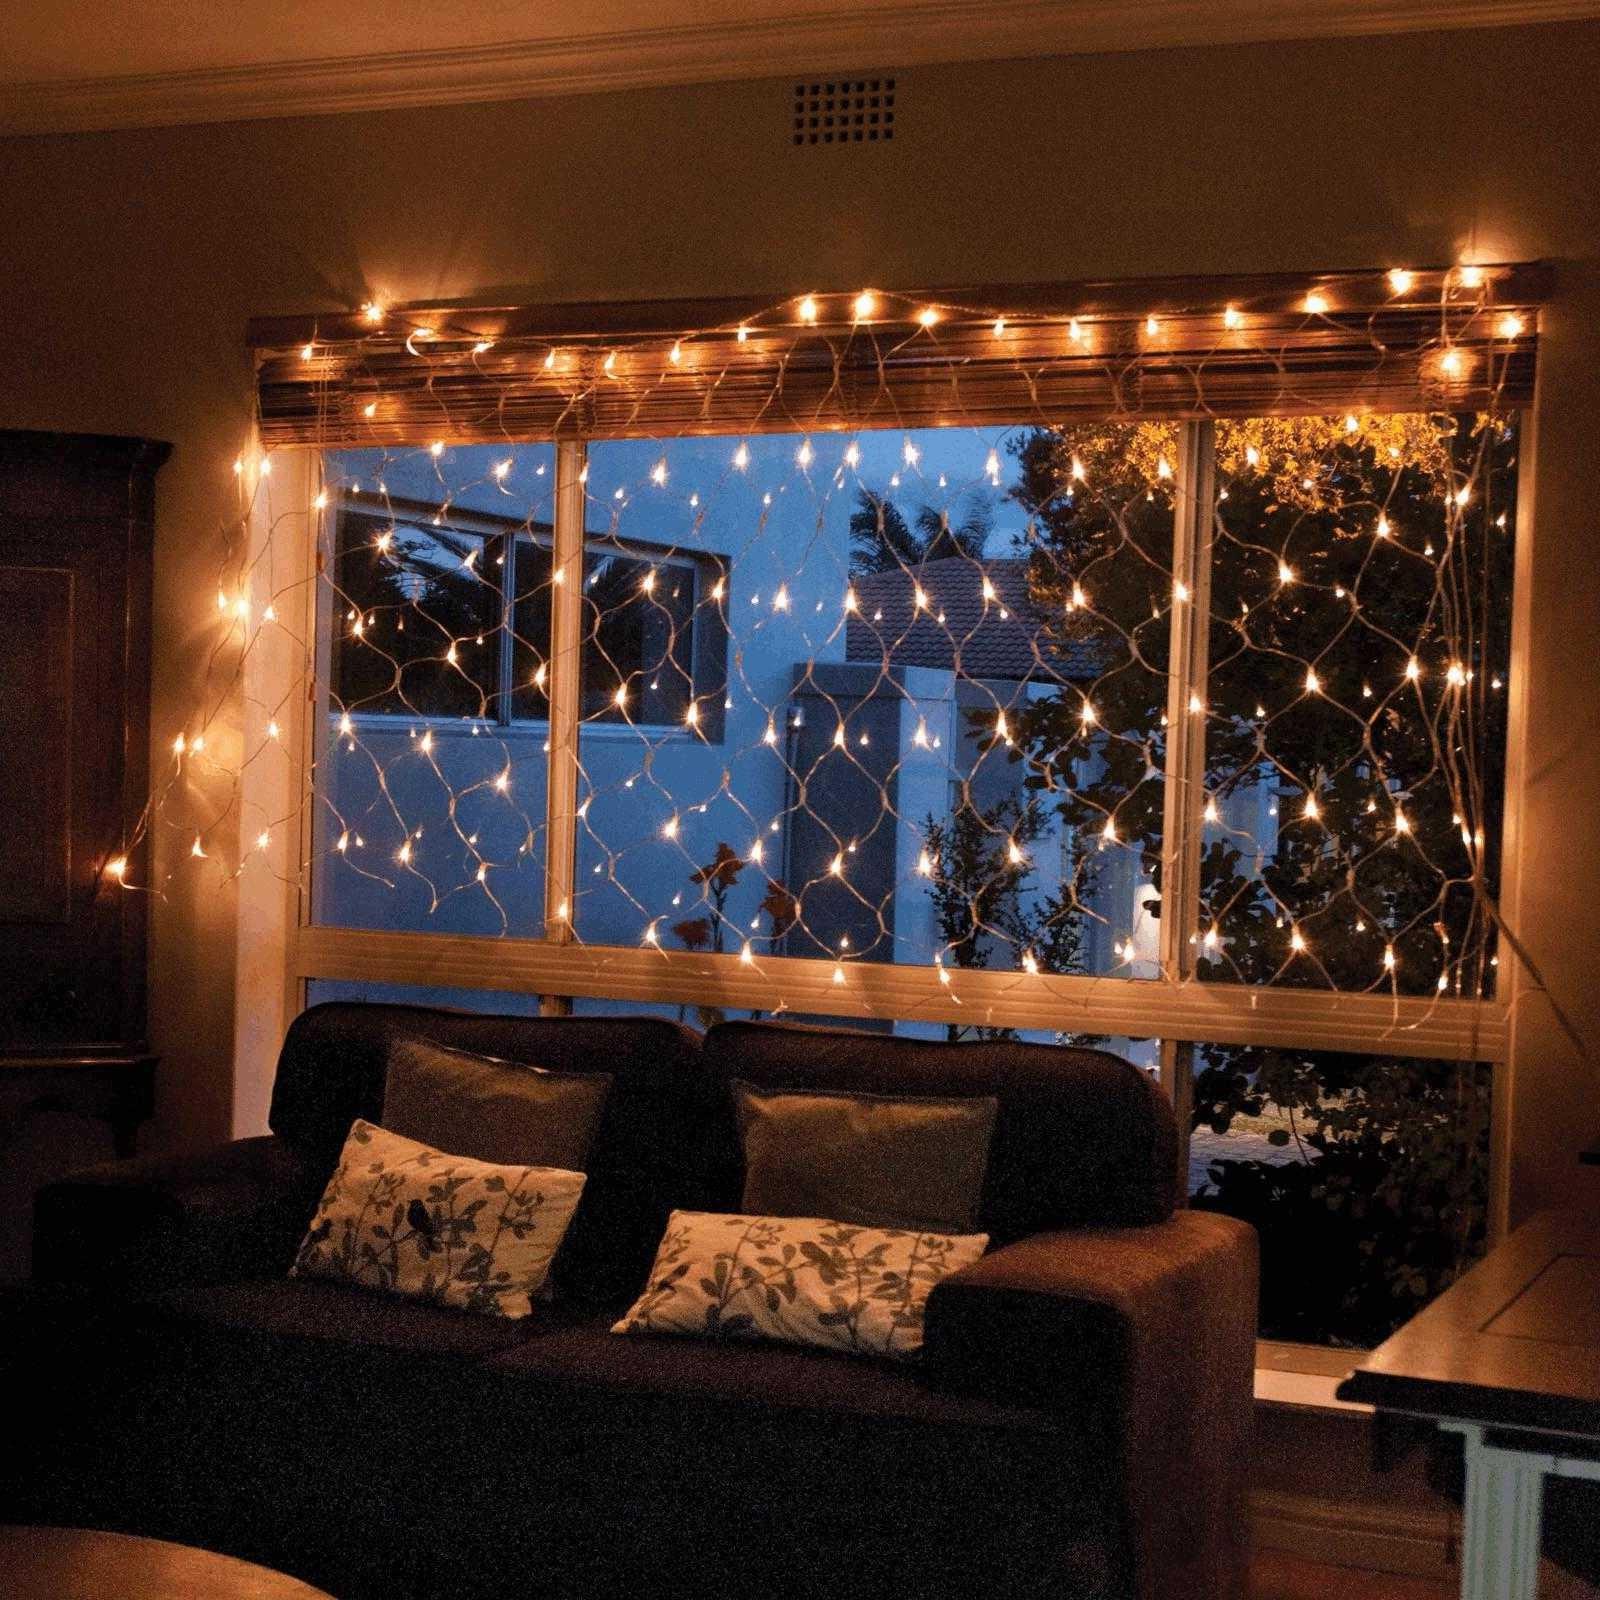 Rideau de lumières de Noël pour votre salon.